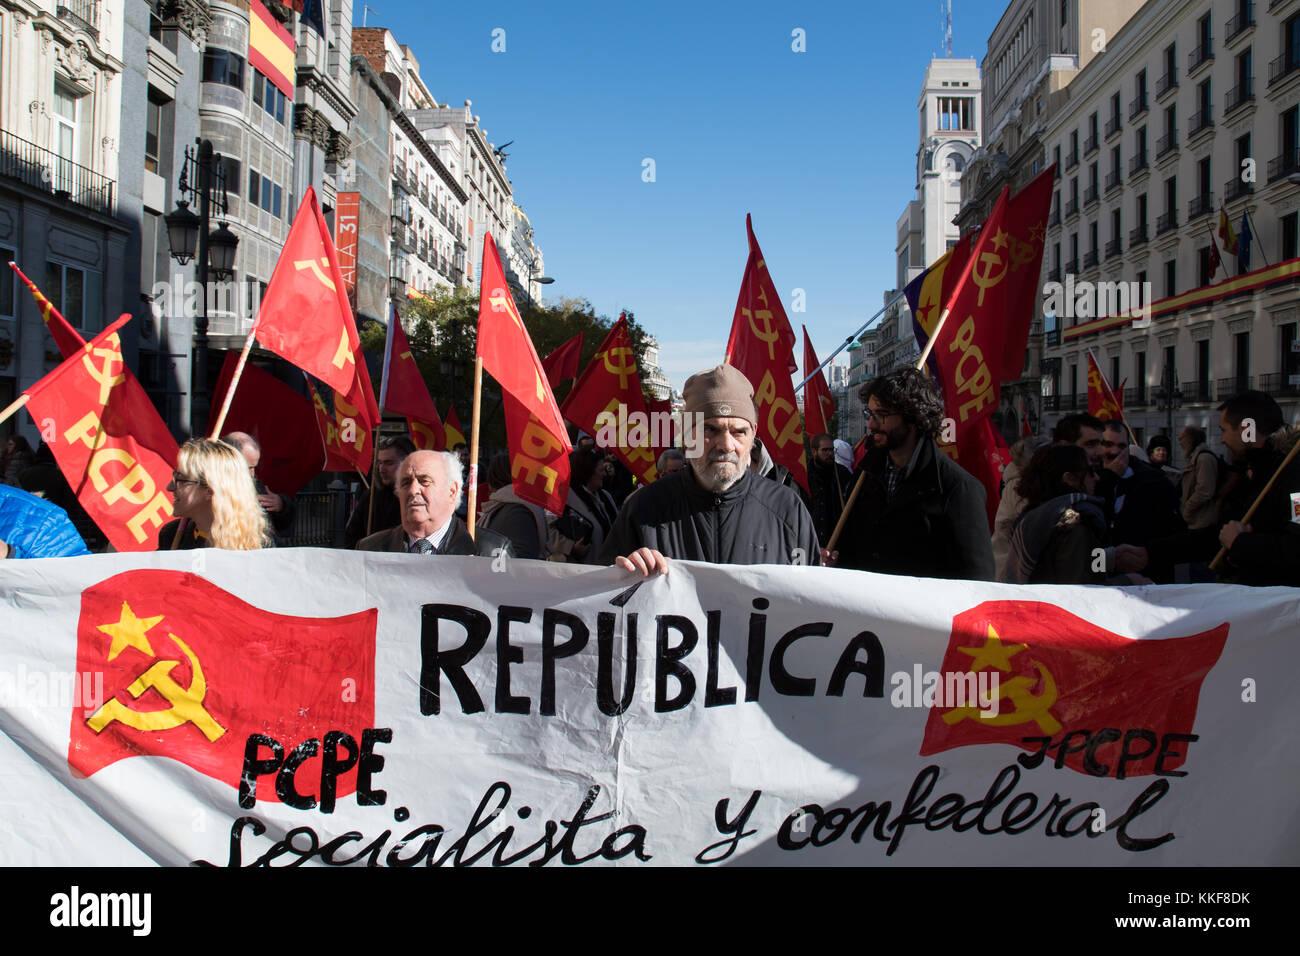 Madrid, Espagne. 6 décembre, 2017. bannière du parti communiste des peuples d'Espagne (PCPE) pendant la manifestation revendiquant pour la 3e république espagnole qui s'est tenue à Madrid. © valentin sama-rojo/Alamy live news. Banque D'Images